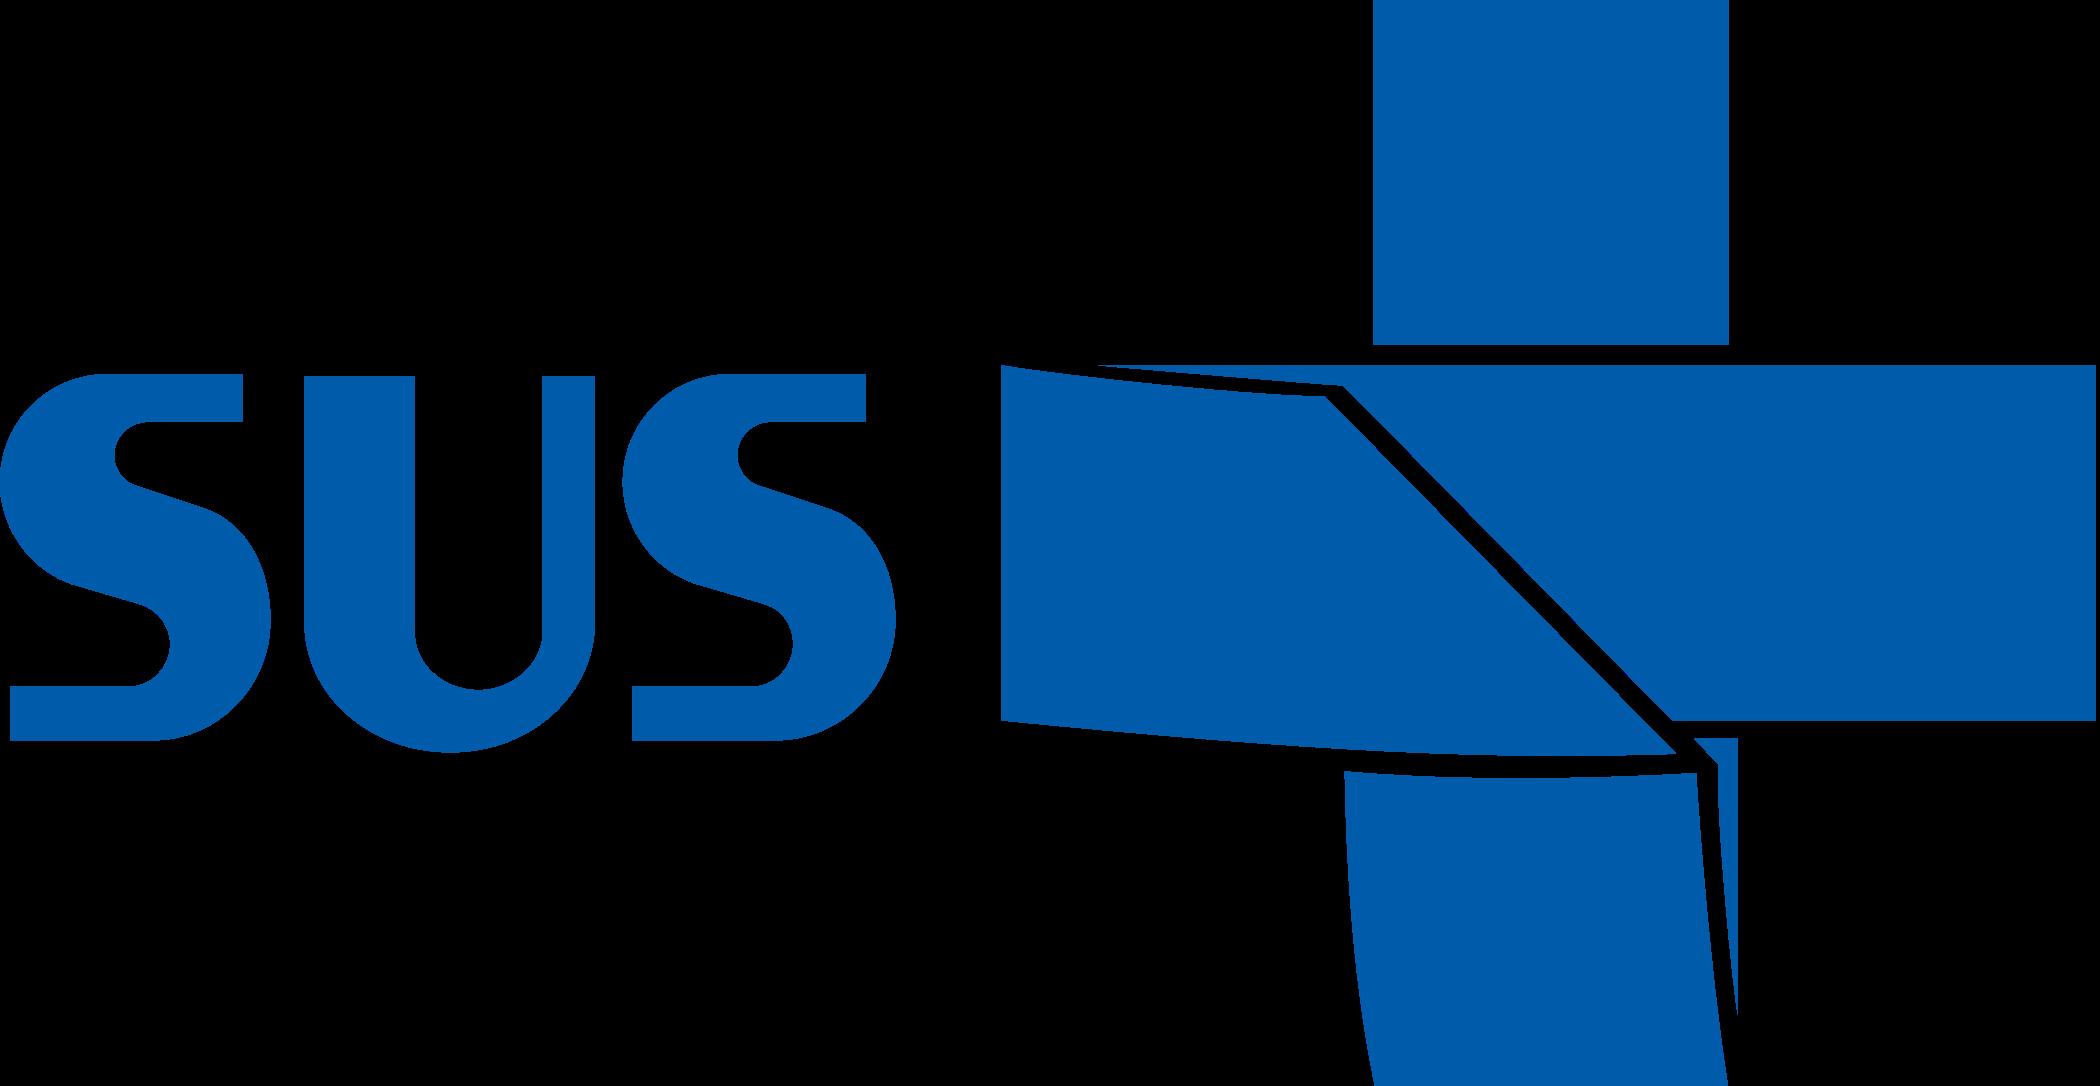 sus logo 1 - SUS Logo - Sistema Único de Saúde Logo